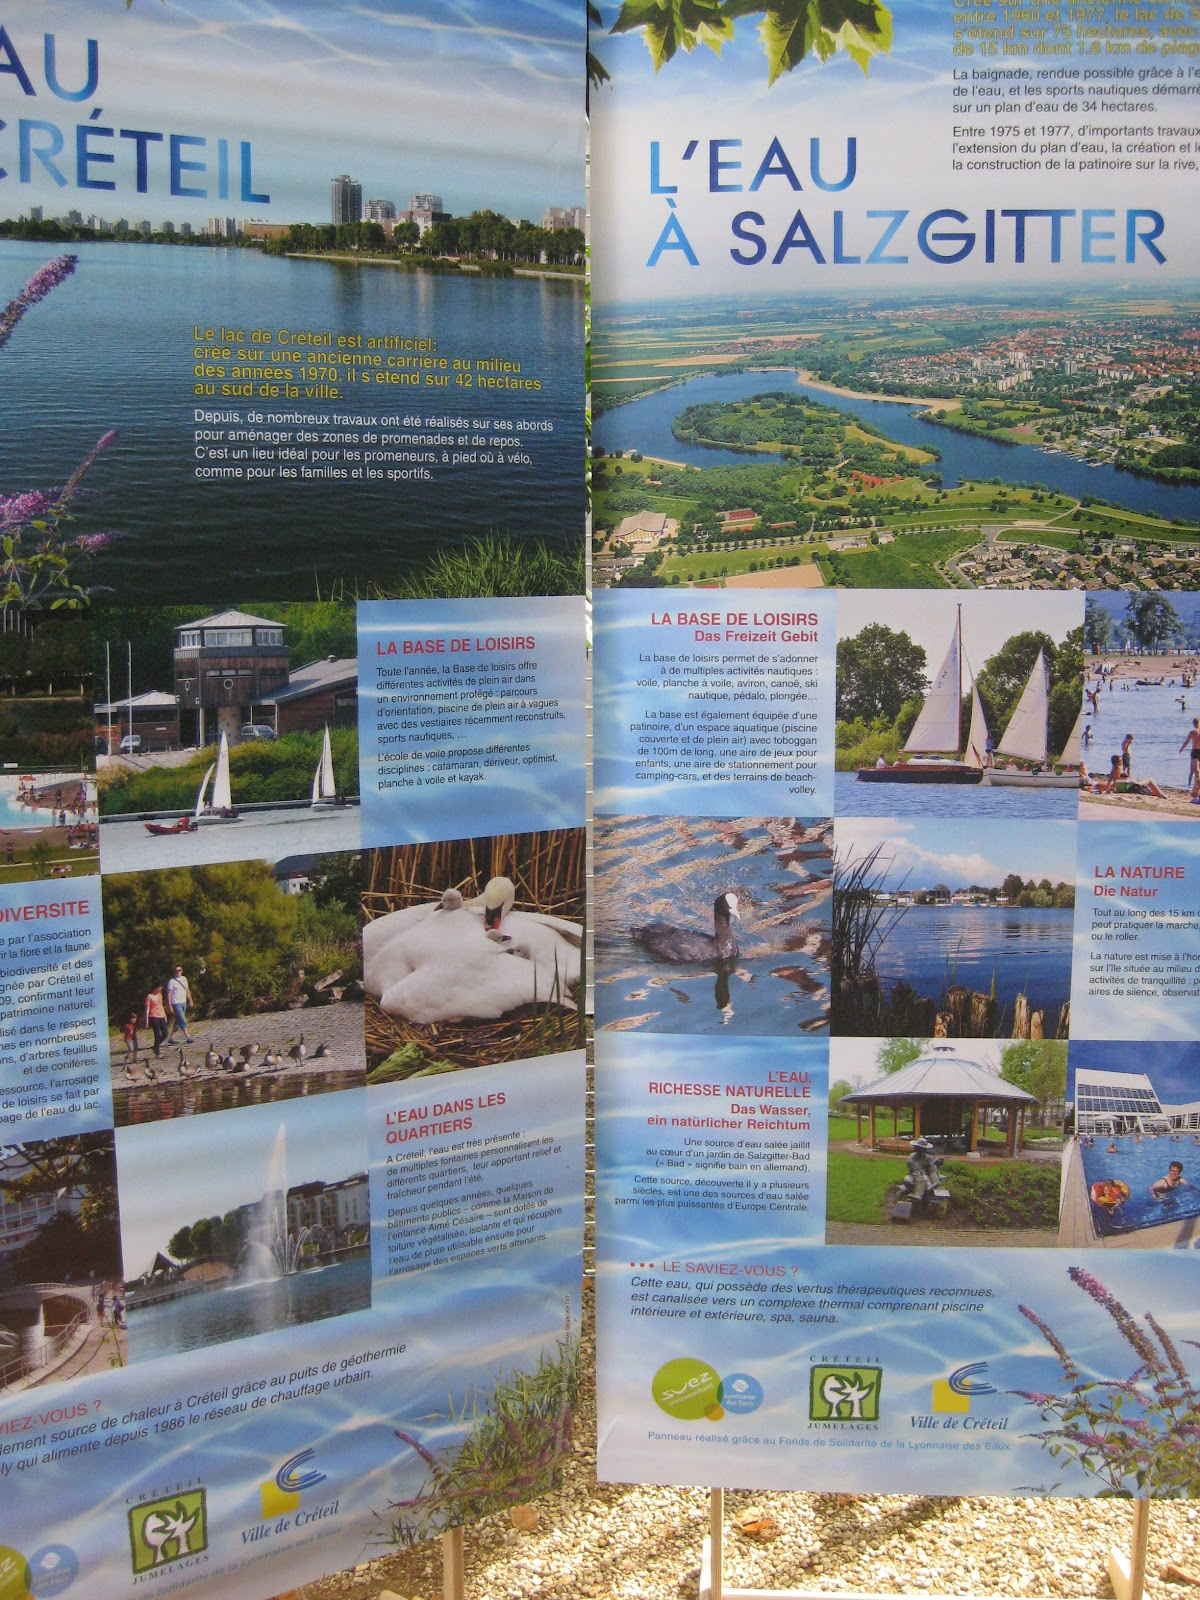 Salzgitter-Blog: Was haben Créteil und Salzgitter gemeinsam?